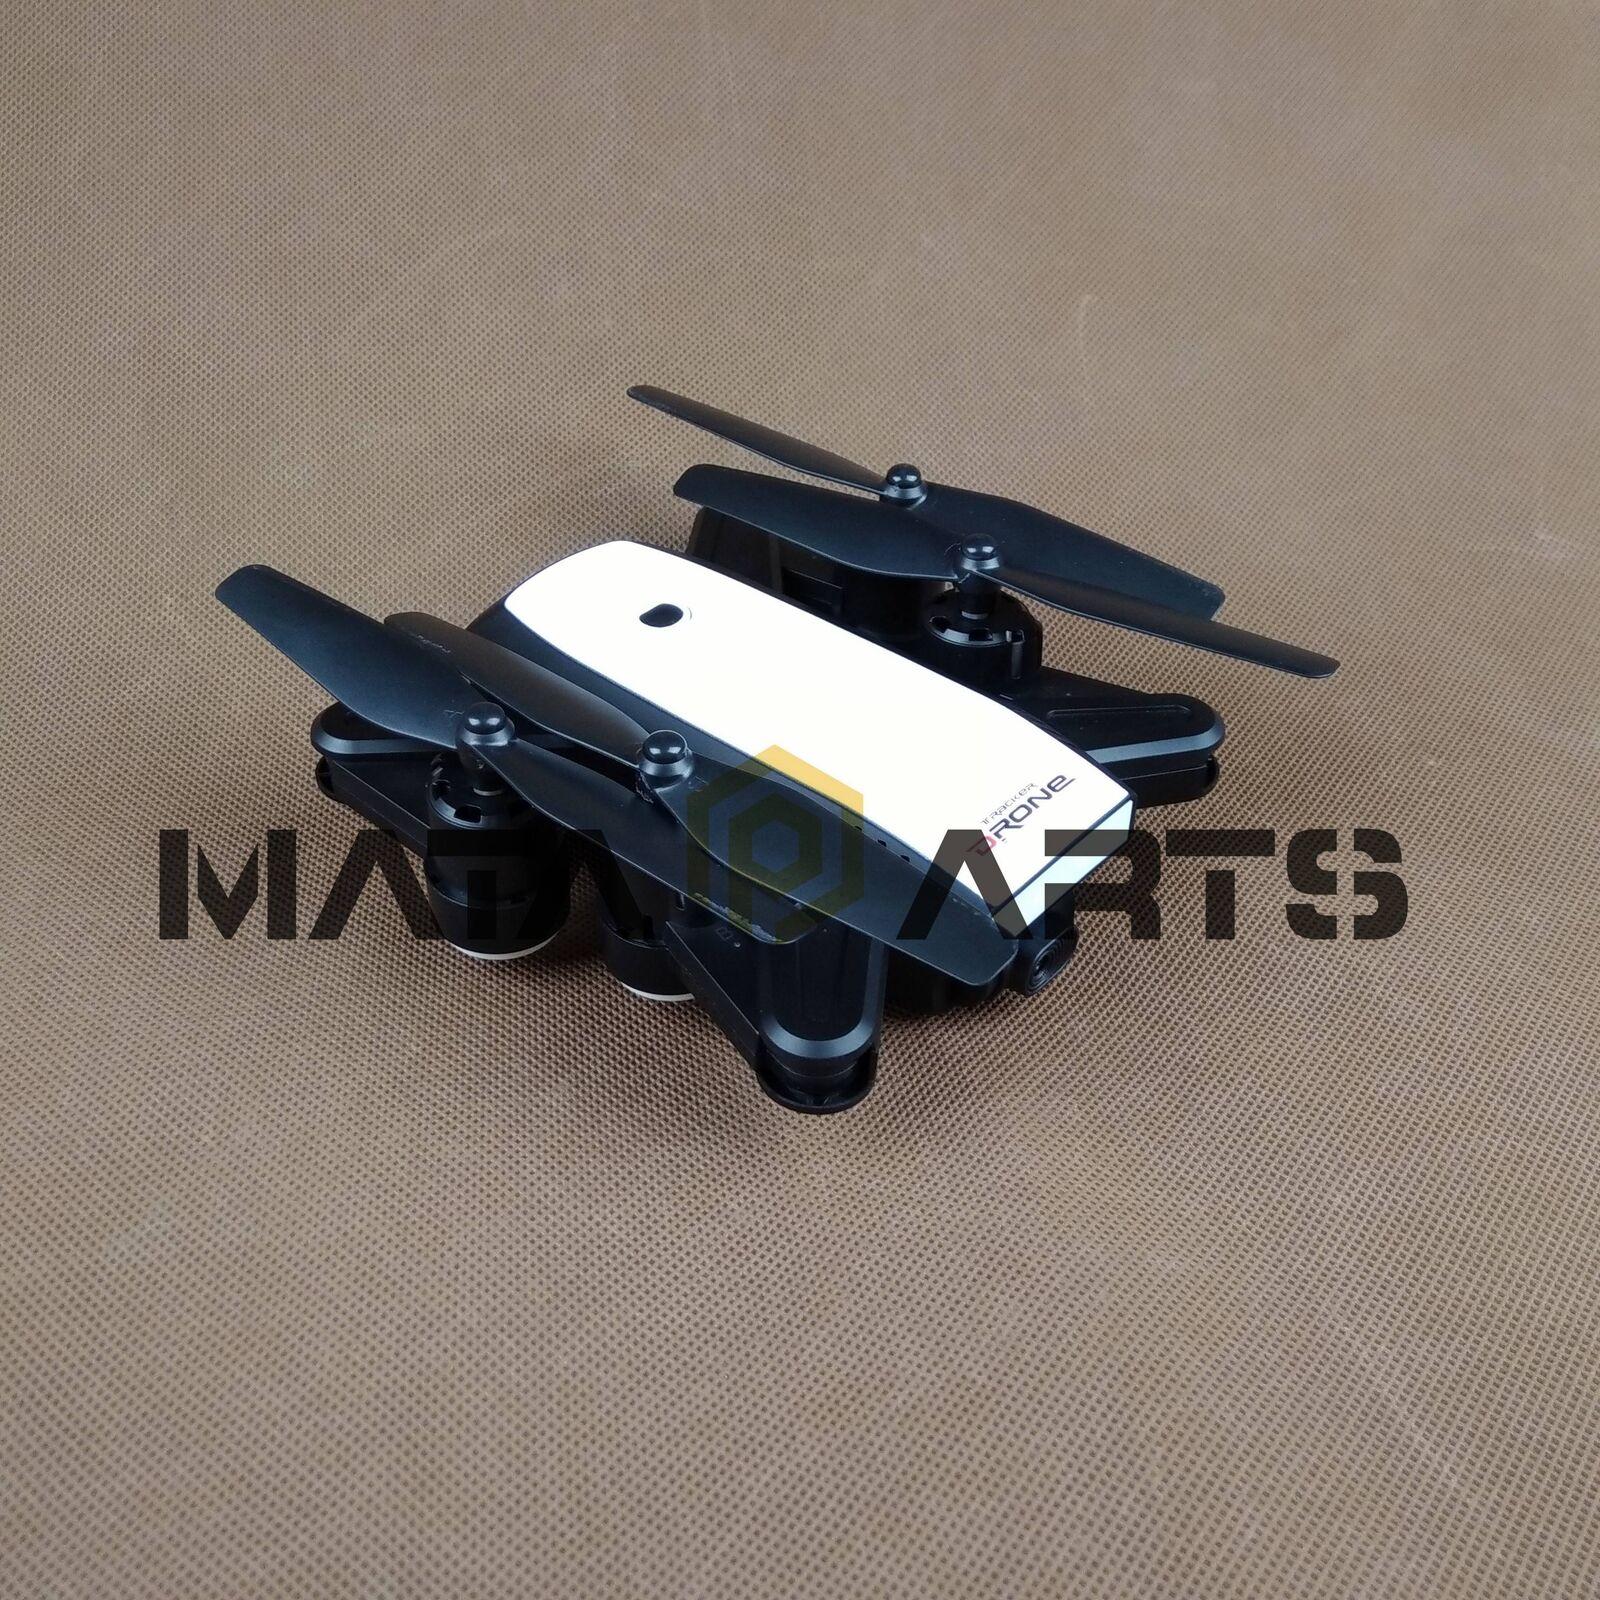 Nuevo LH-X28GWF Doble GPS FPV Drone quadricóptero Cámara Wifi HD con modo sin cabeza